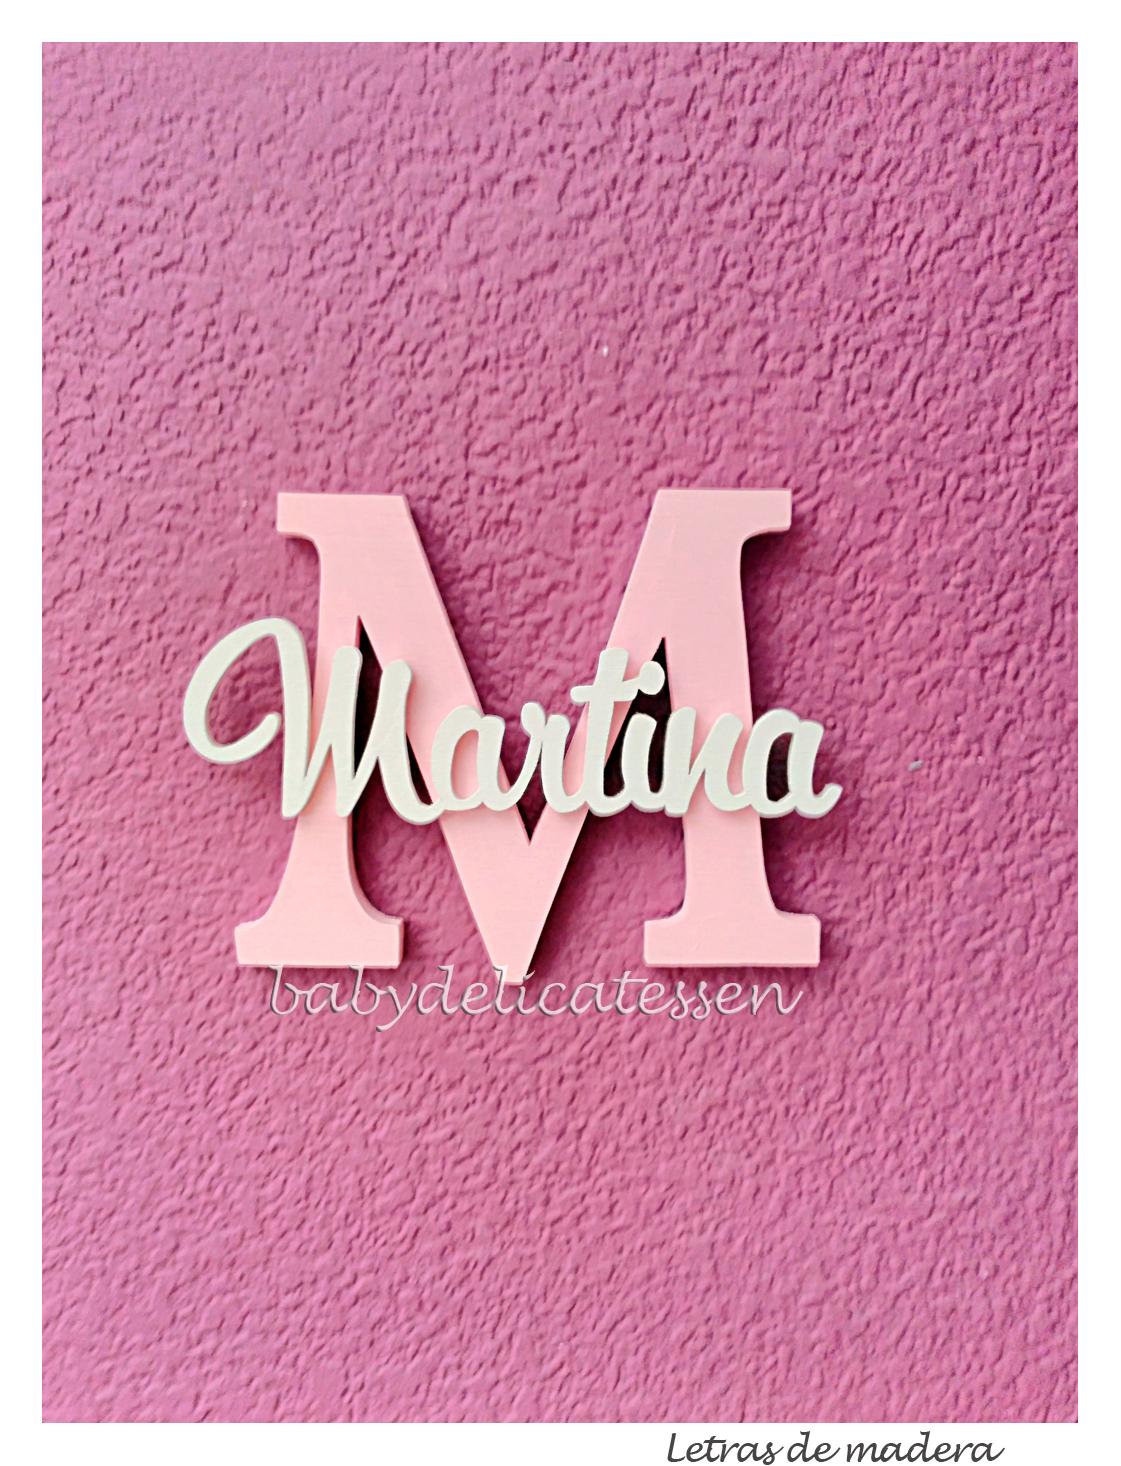 Baby delicatessen la habitaci n de martina - Letras en madera ...